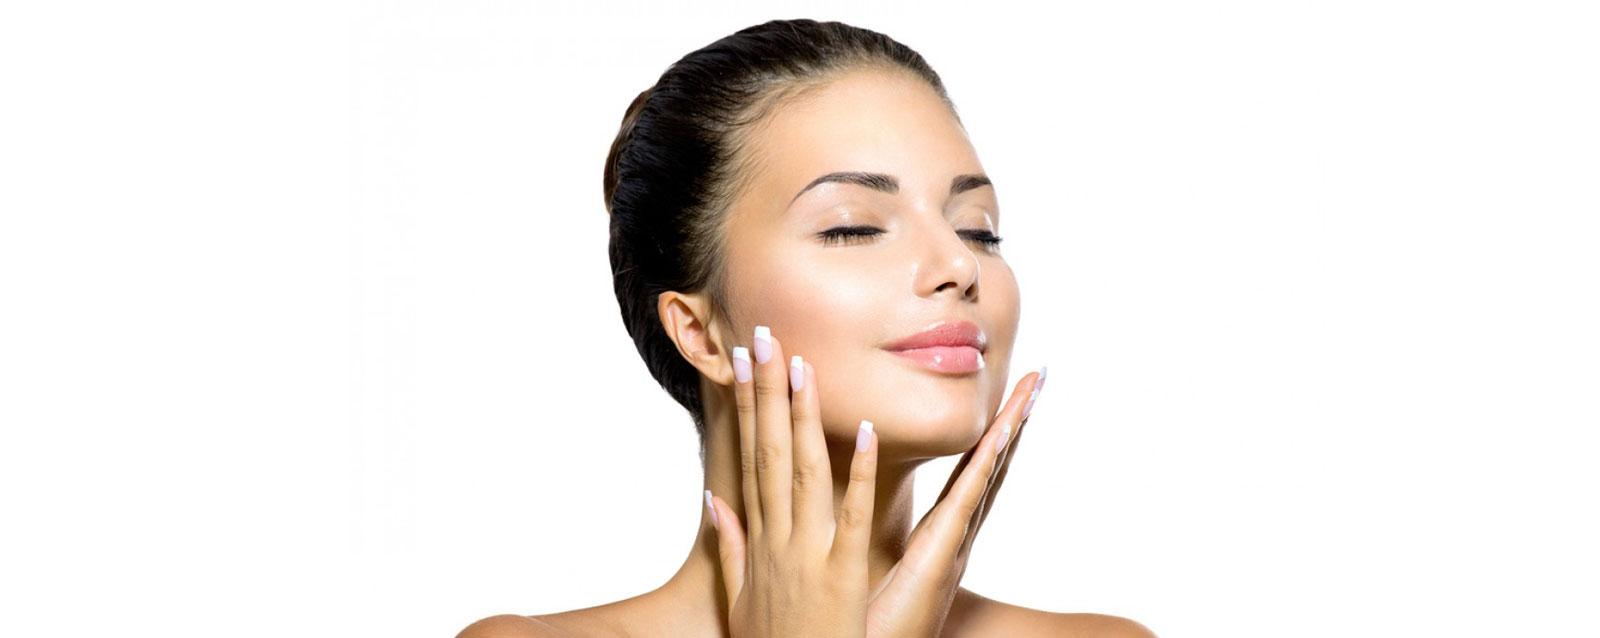 Ultra-Ativação dos Fotosinérgicos: A Beleza Facial Desenhada Pelas Mãos dos Dermocosméticos com Ação Botox® - Like